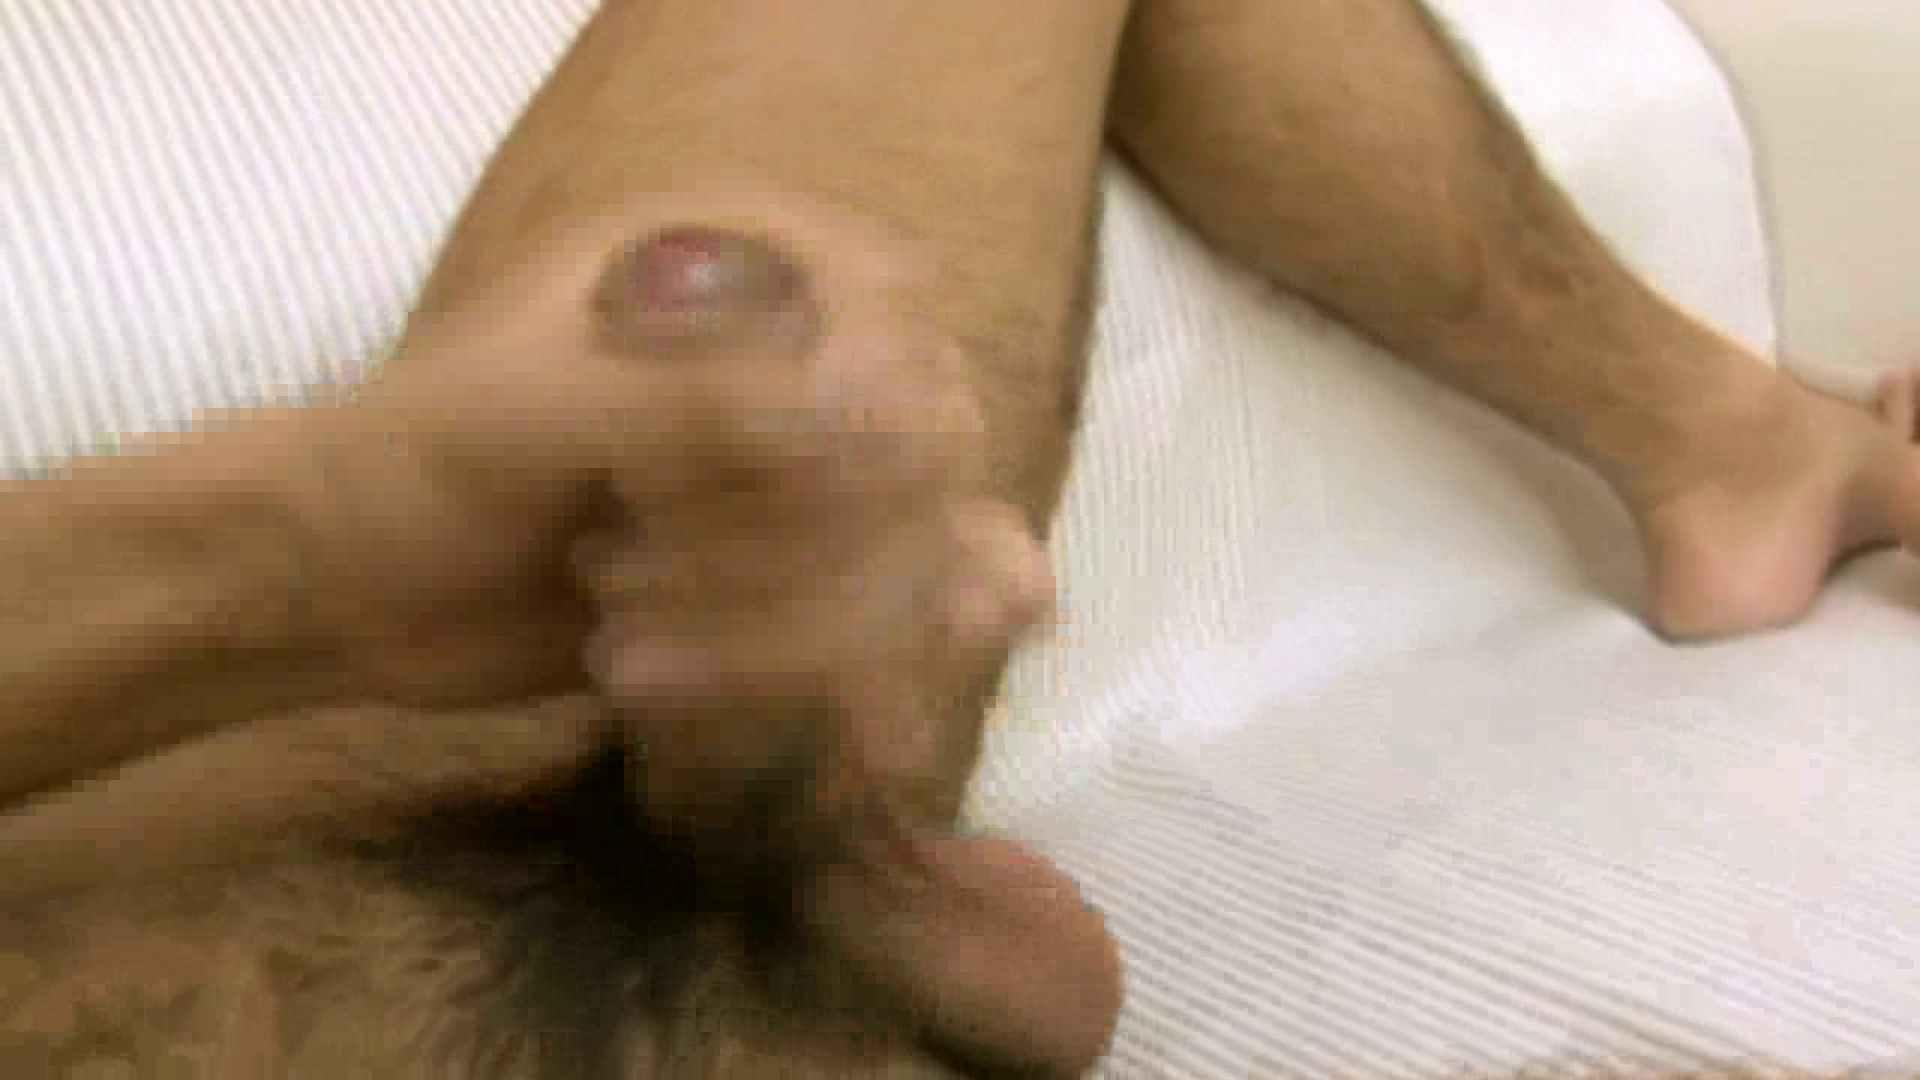 ノンケ!自慰スタジオ No.11 オナニー   自慰シーン アダルトビデオ画像キャプチャ 110枚 92